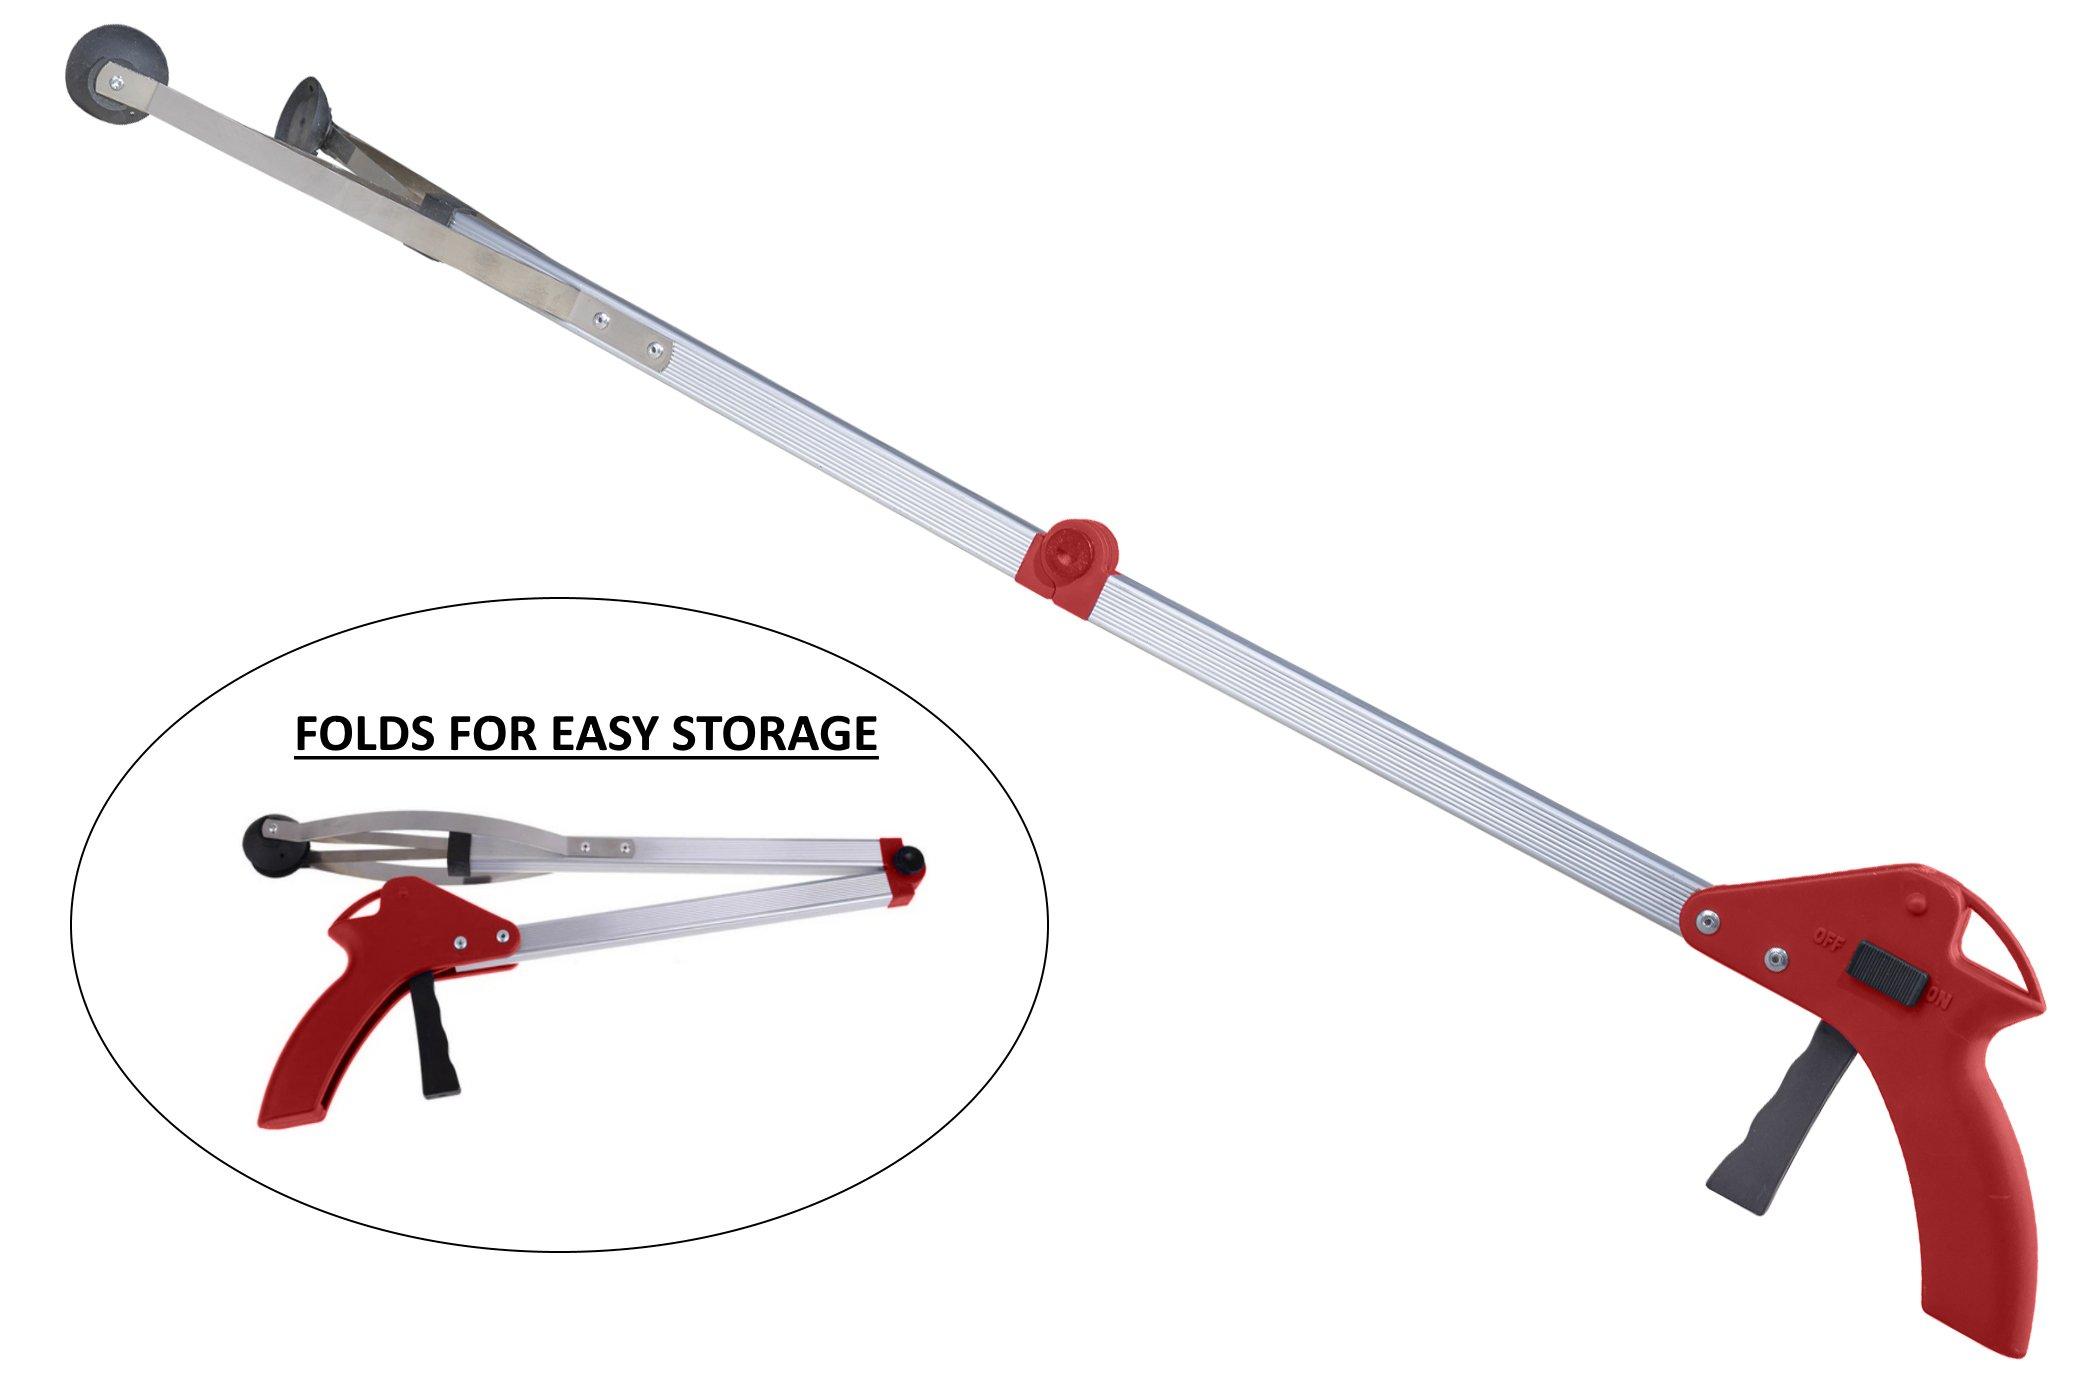 Premium Reacher - Ergonomic Lightweight 32'' Folding Reacher Grabber Tool - Red